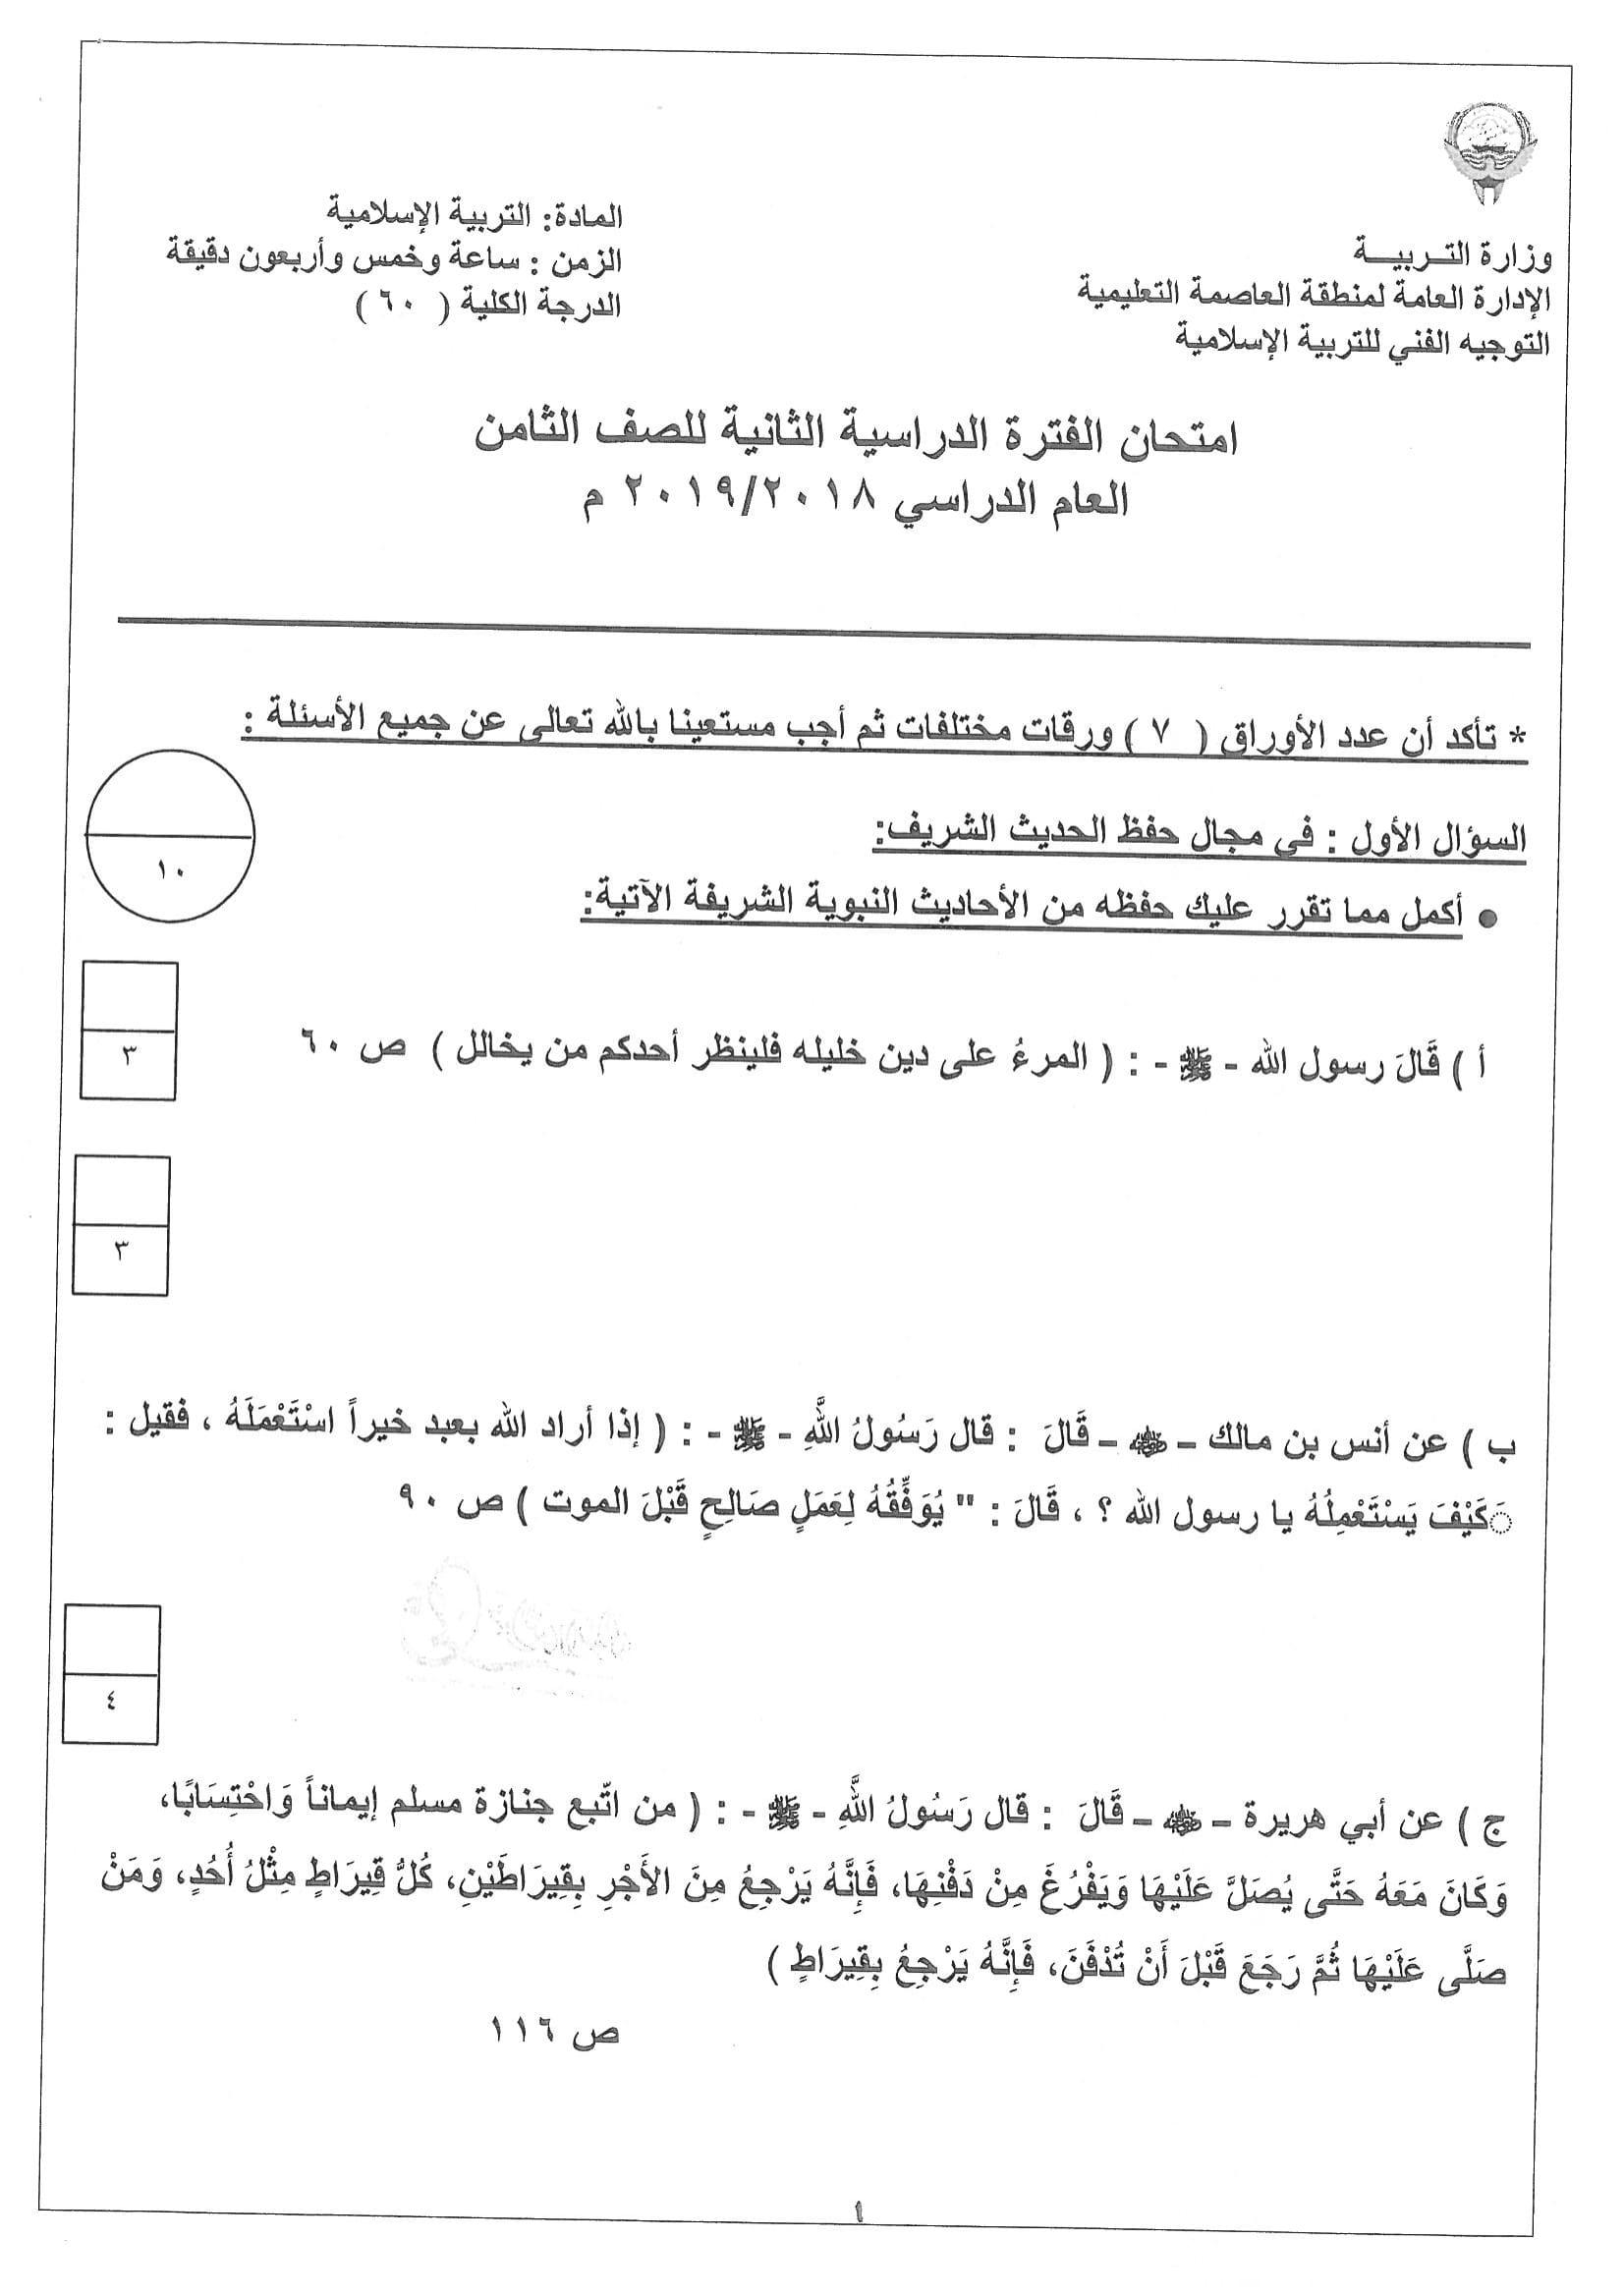 نموذج اجابة اختبار مادة التربية الإسلامية الثامن الفصل الثاني